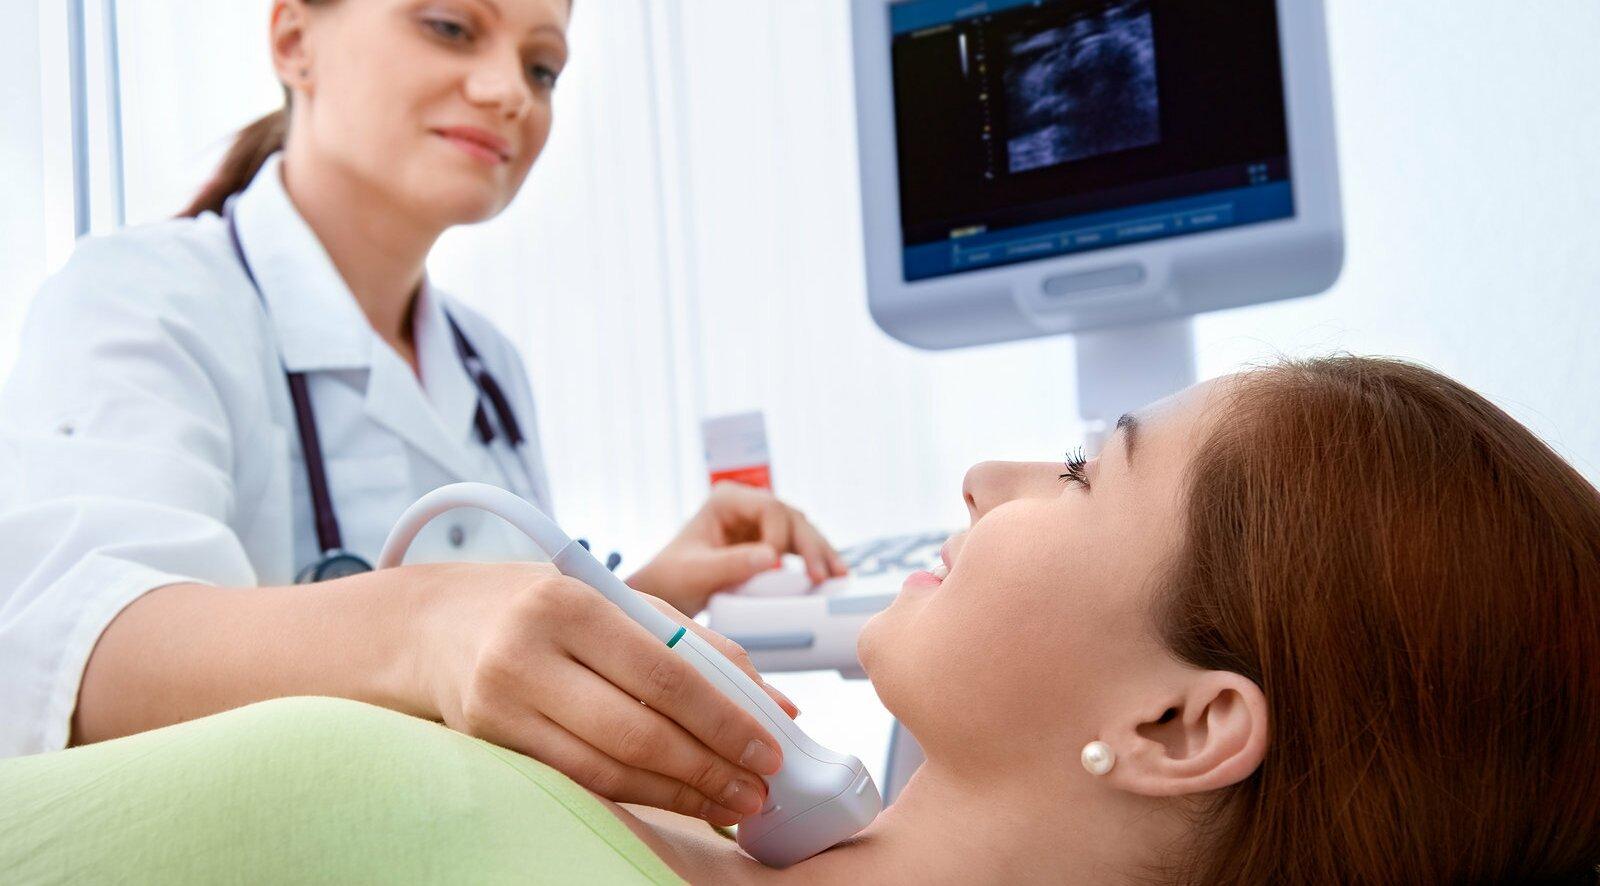 В каких случаях врач назначает ультразвуковое сканирование сосудов головы и шеи